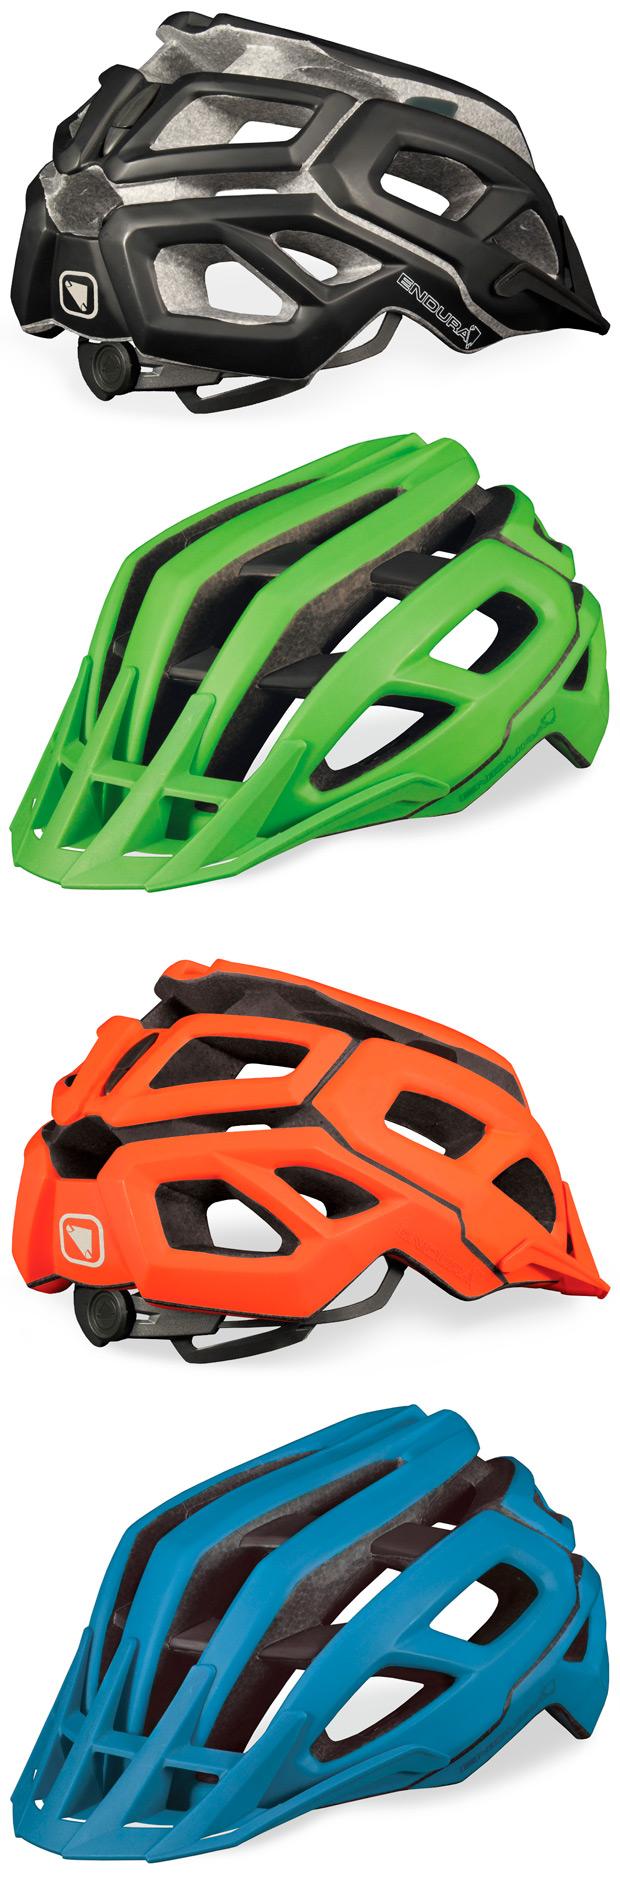 Nuevo casco Endura Singletrack